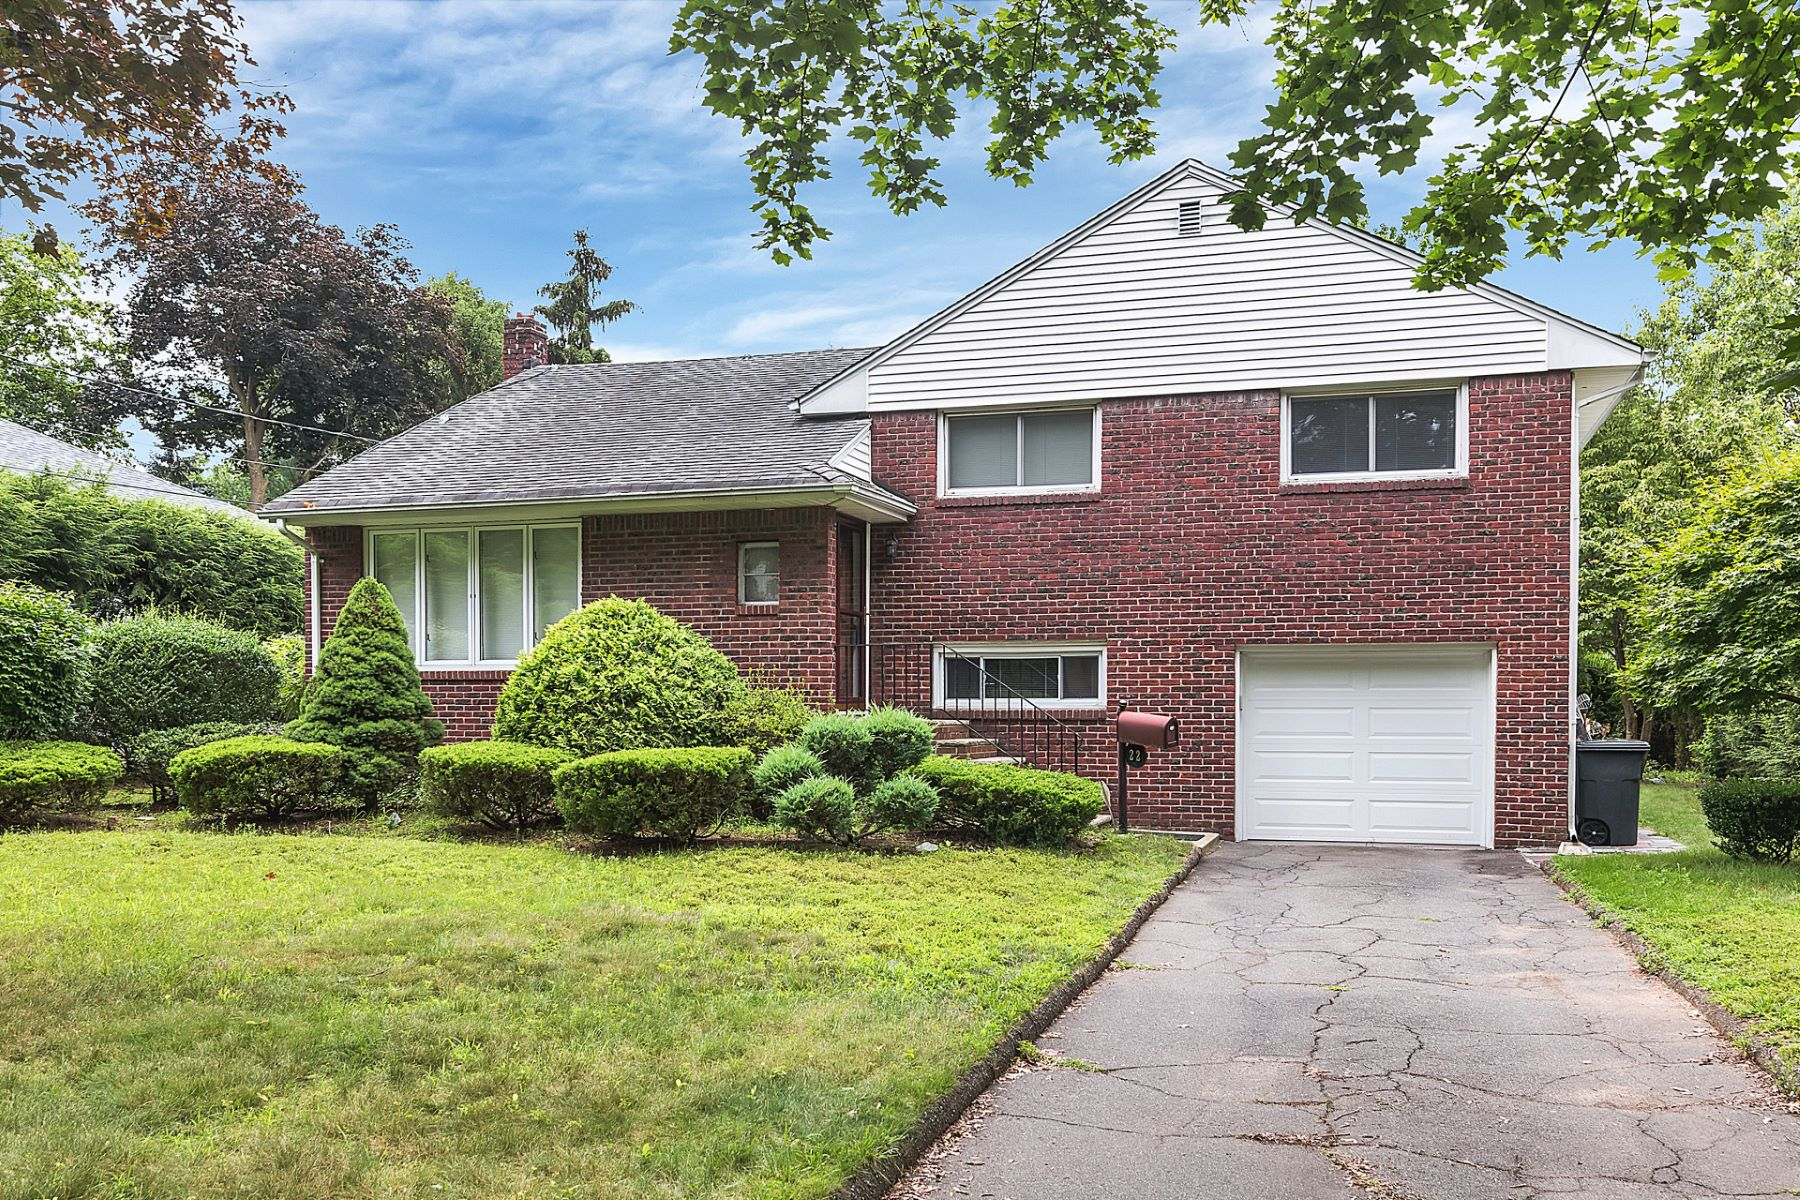 Частный односемейный дом для того Продажа на Lovely East Hill Home! 22 Center Street Cresskill, Нью-Джерси, 07626 Соединенные Штаты